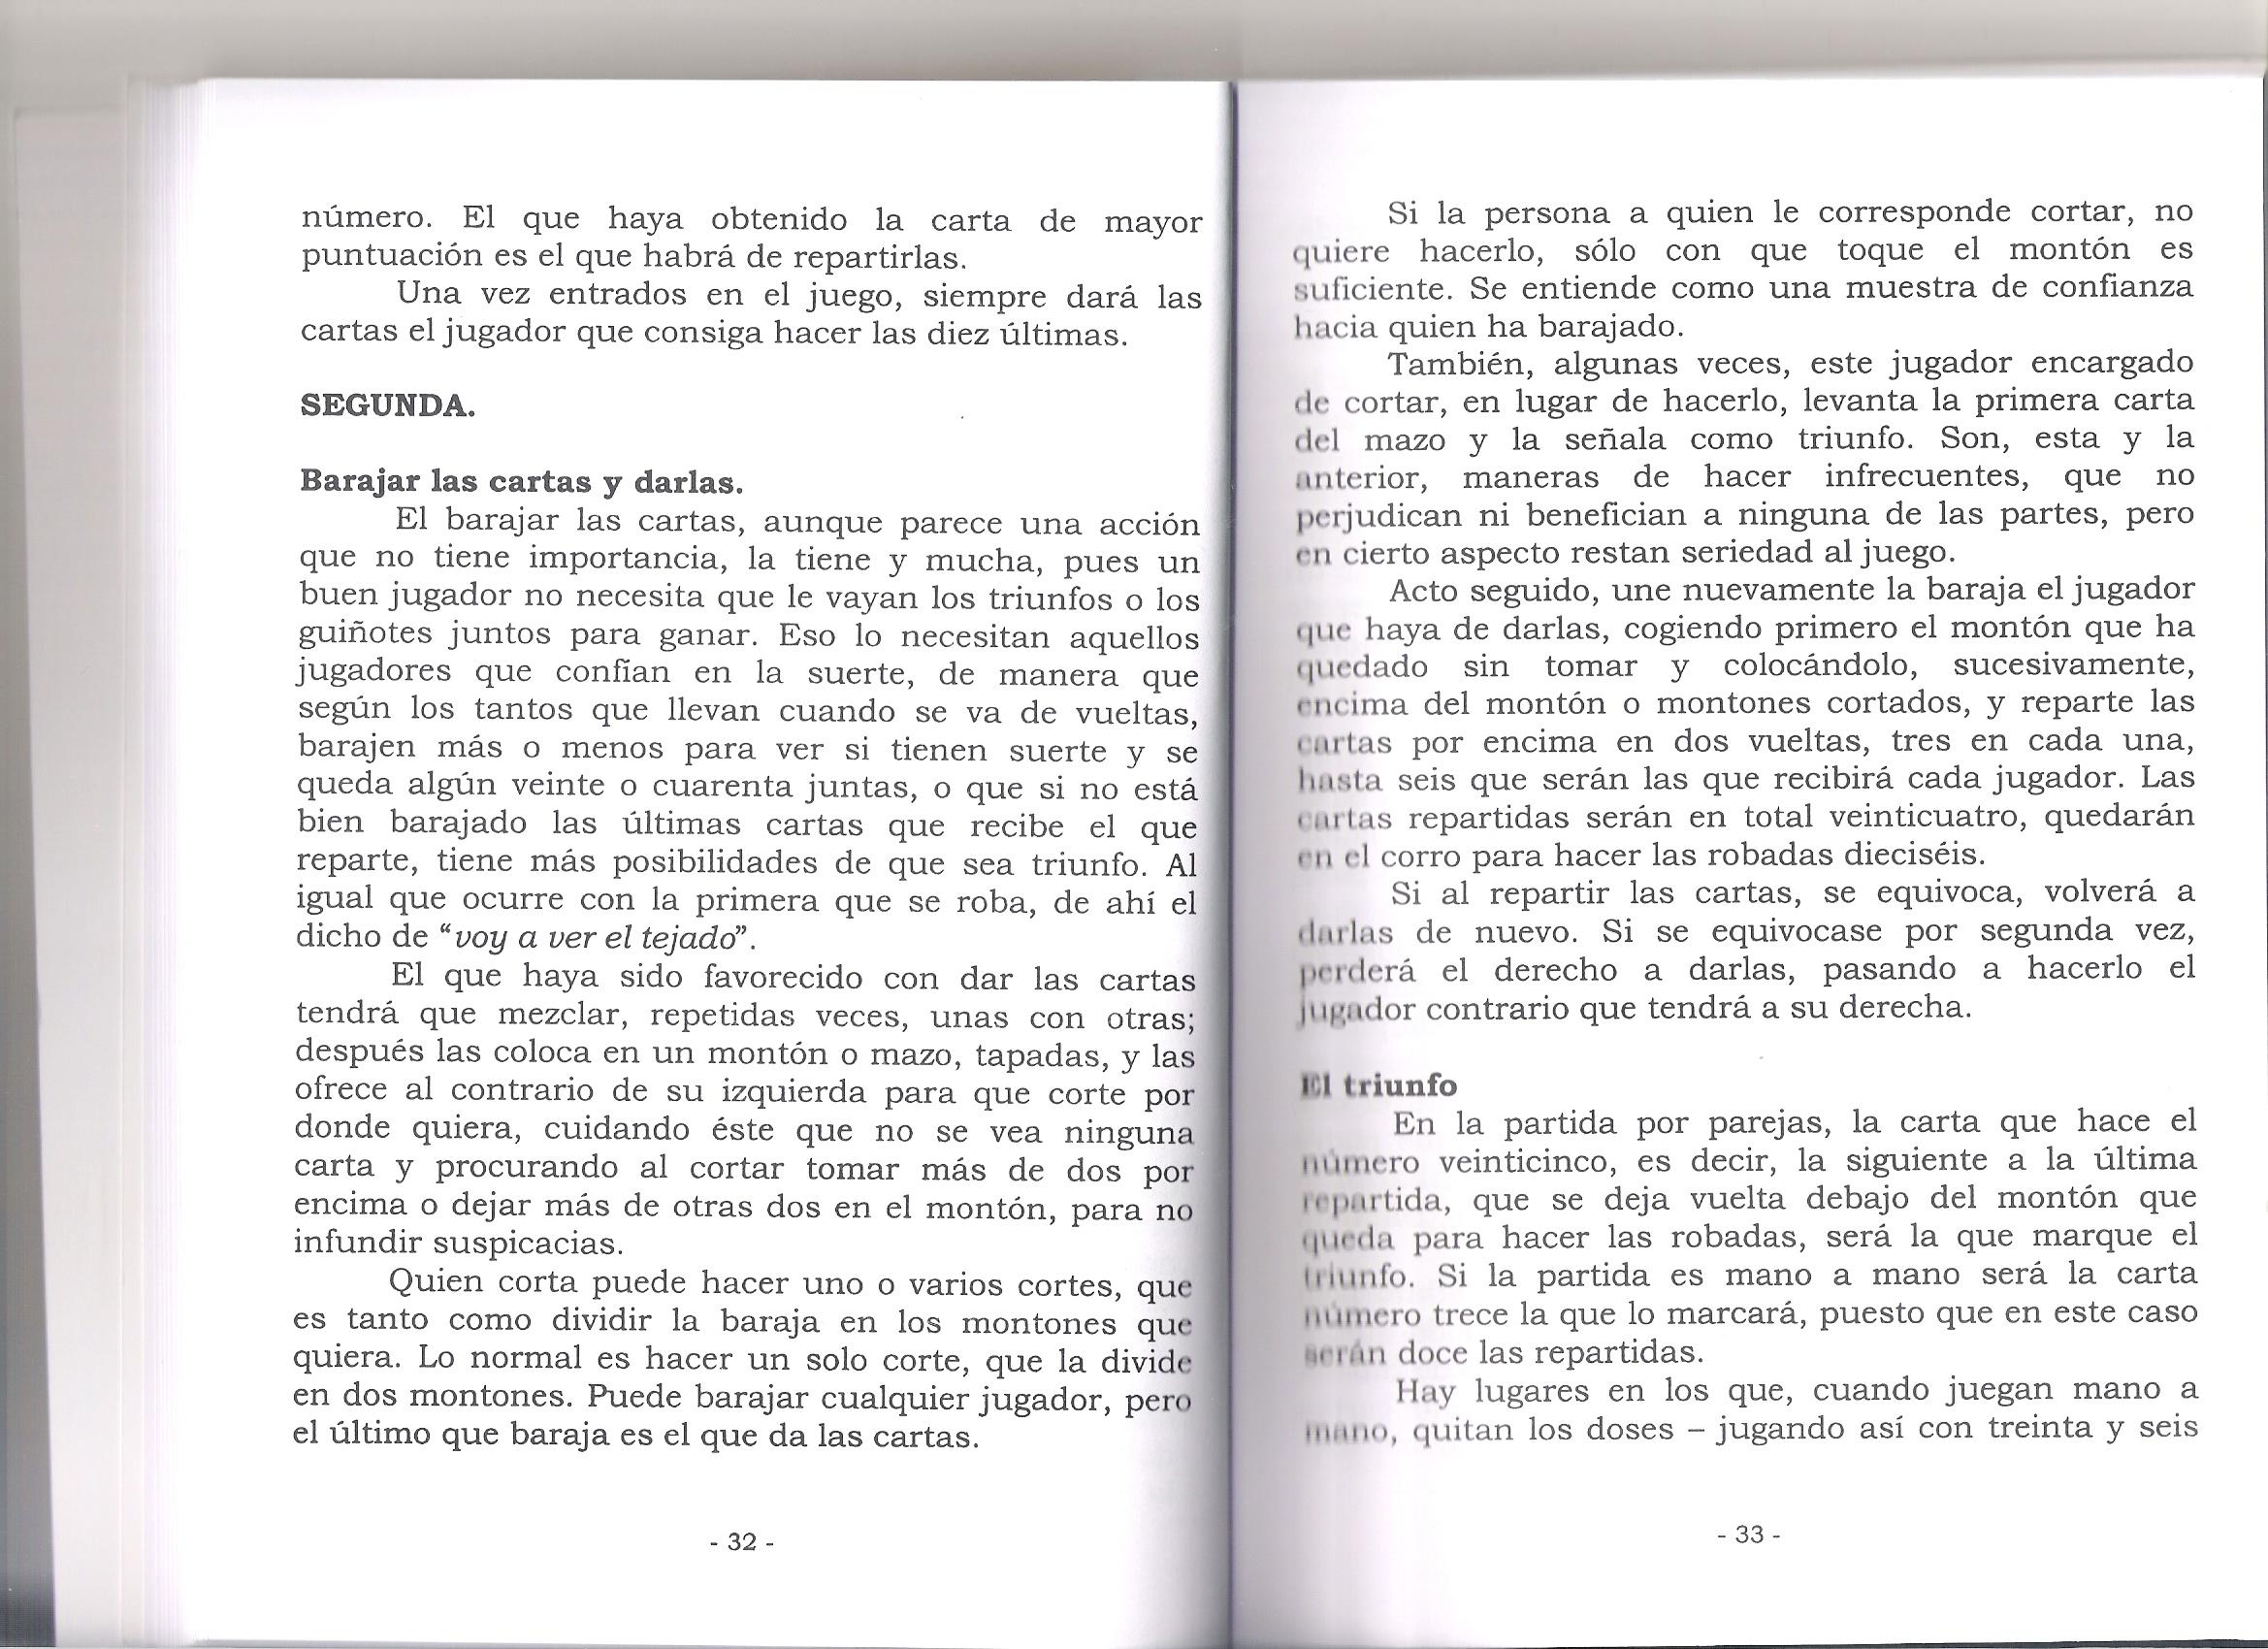 Pág 32-33